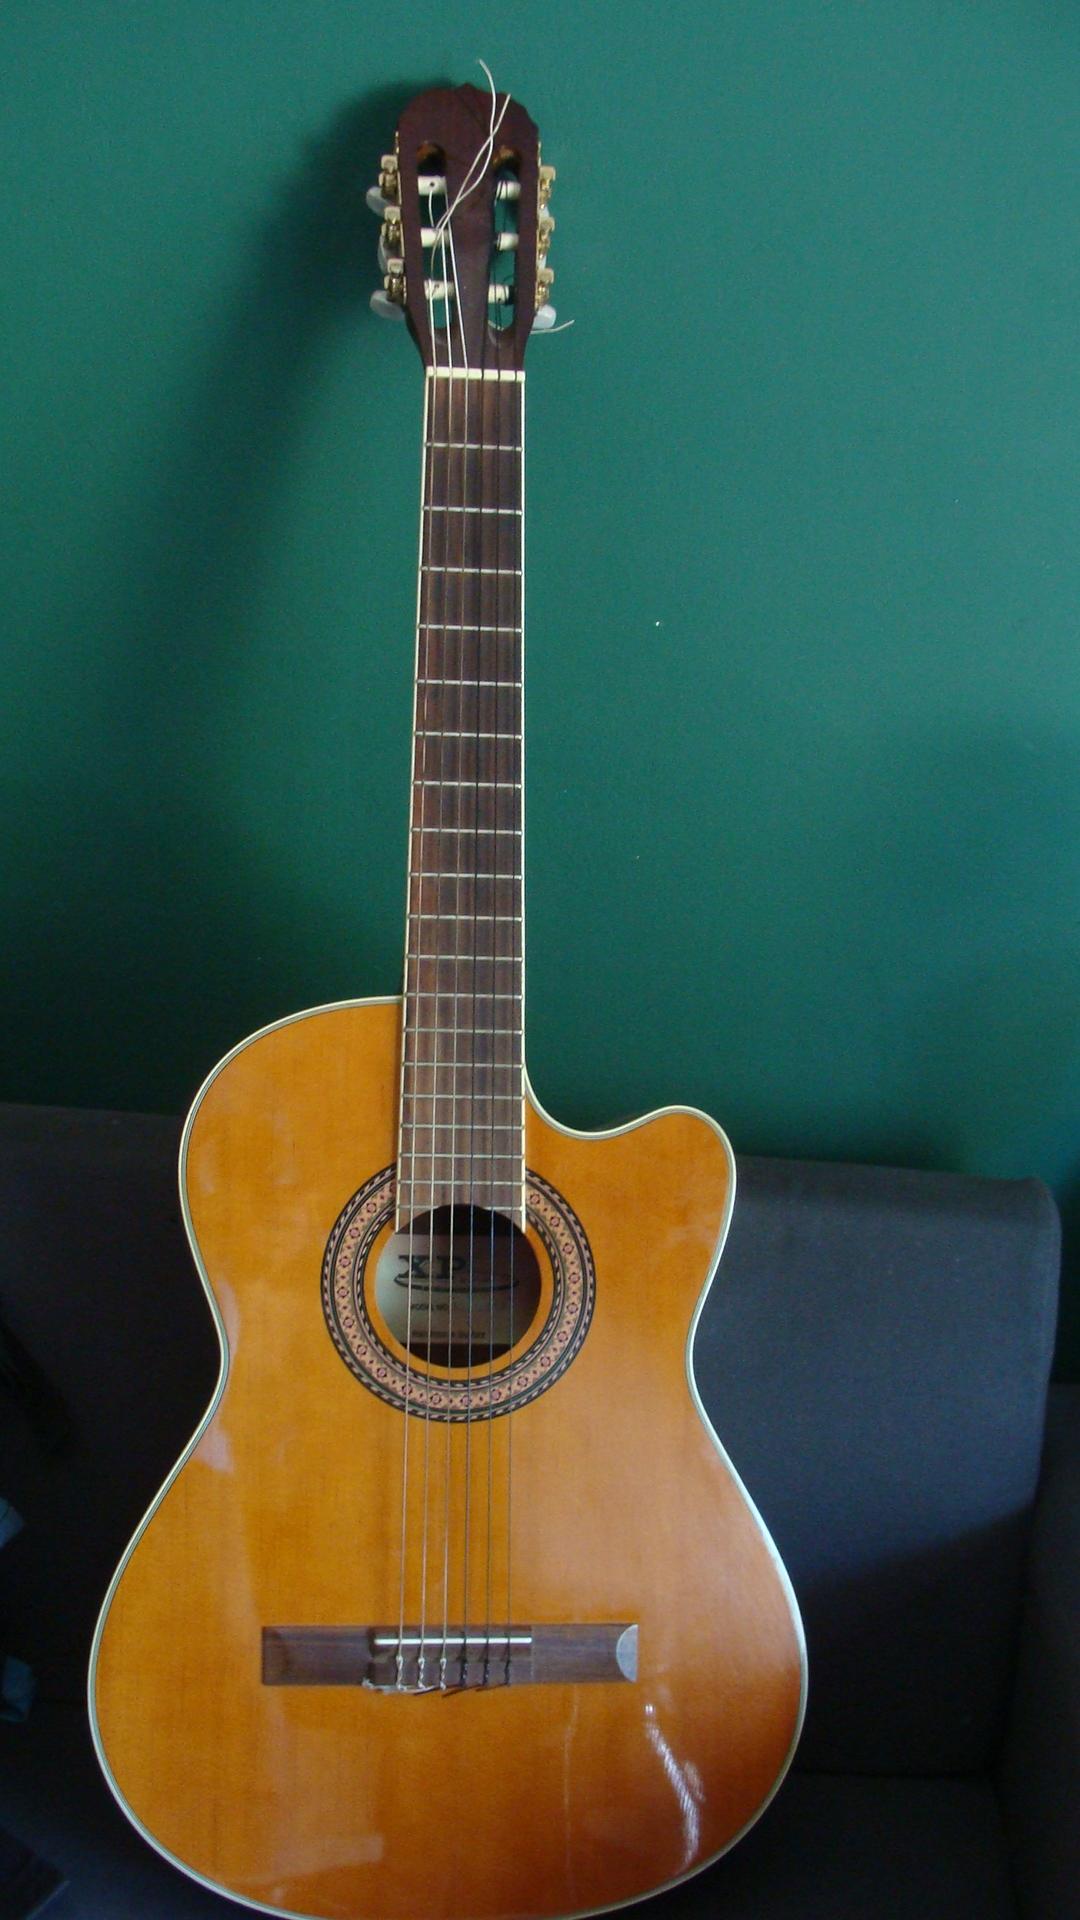 guitare xp